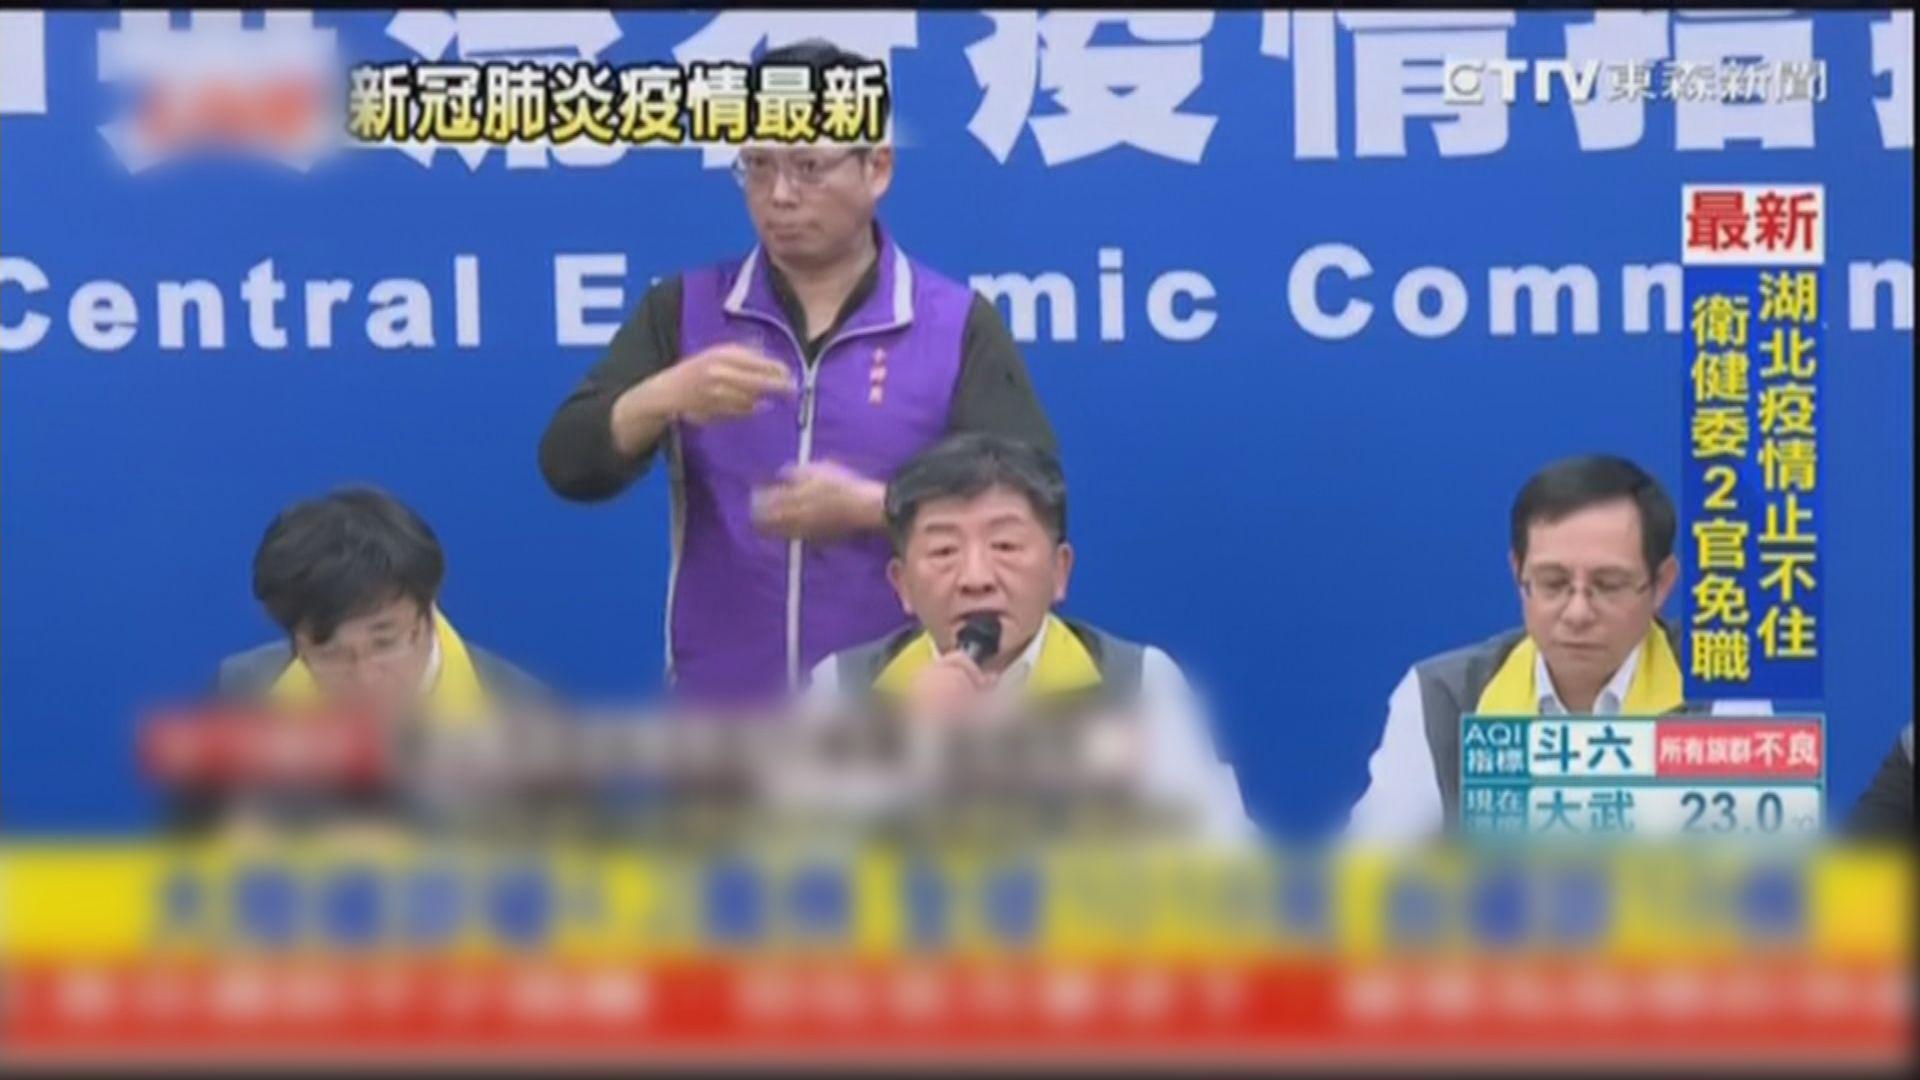 台灣提高對港澳旅遊疫情警告 建議如非必要勿到港澳